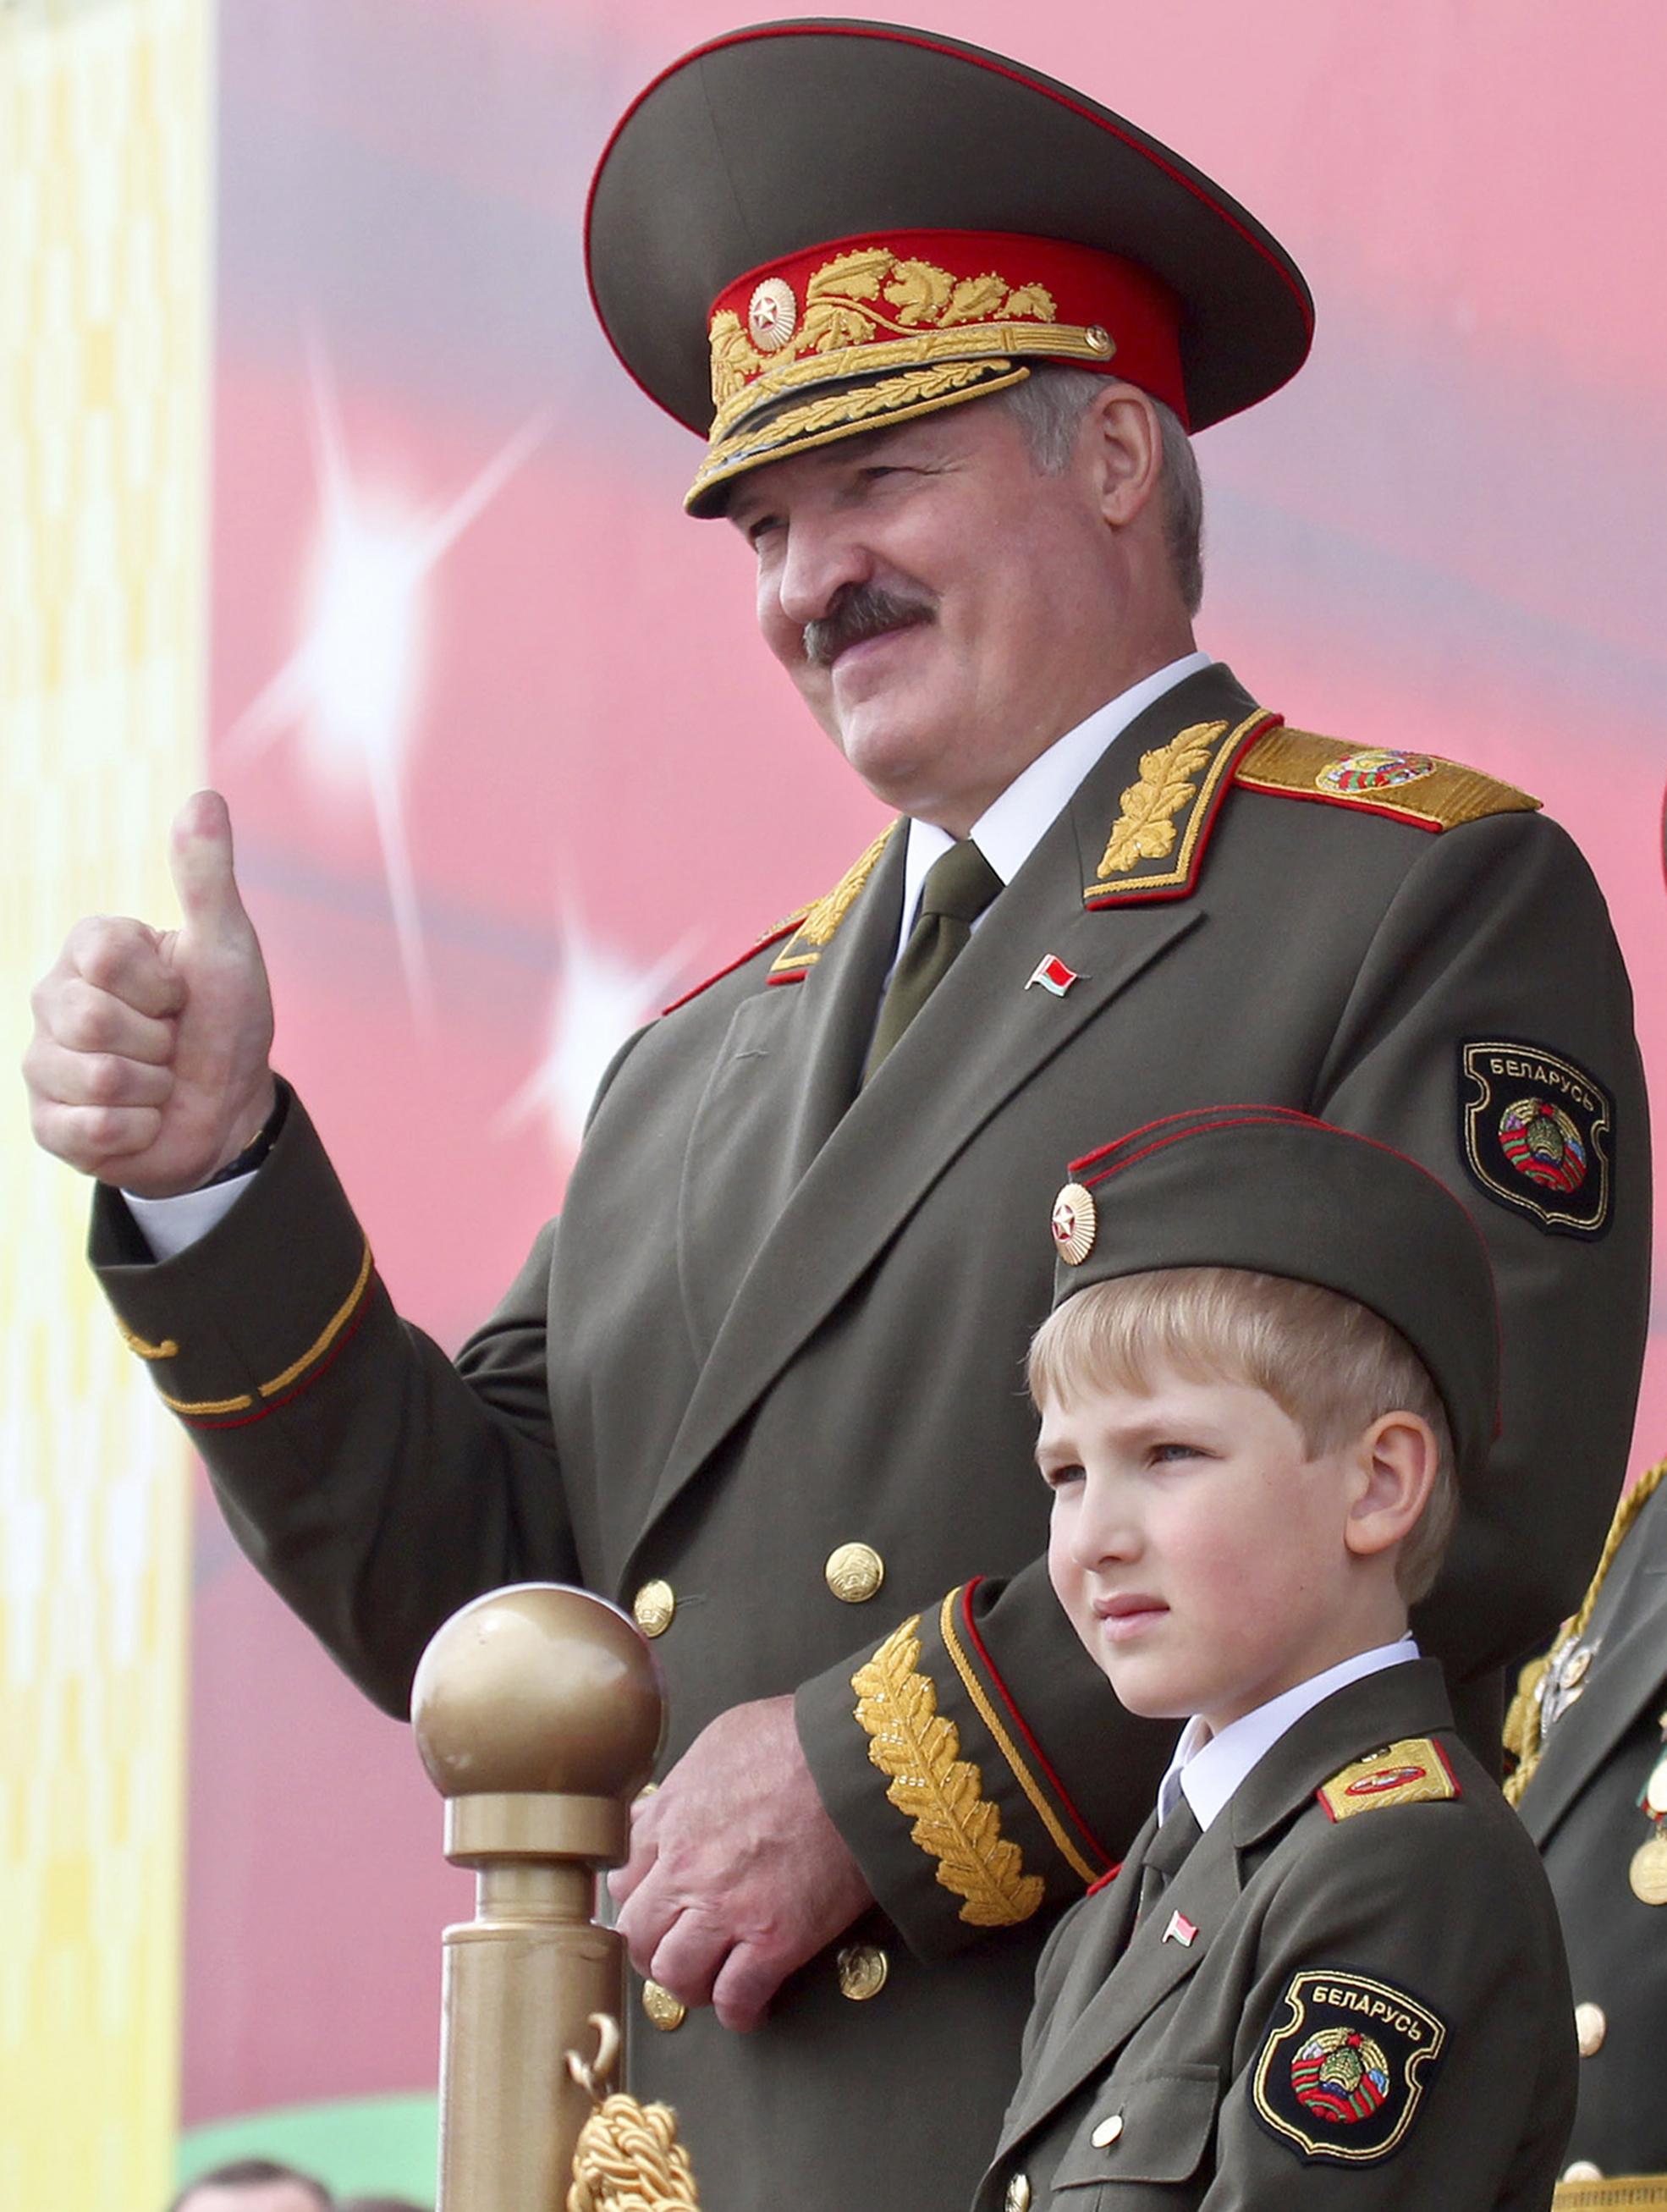 """США признают """"некоторые улучшения"""" на выборах в Беларуси, но не считают их """"свободными и честными"""", - Госдепартамент - Цензор.НЕТ 3312"""